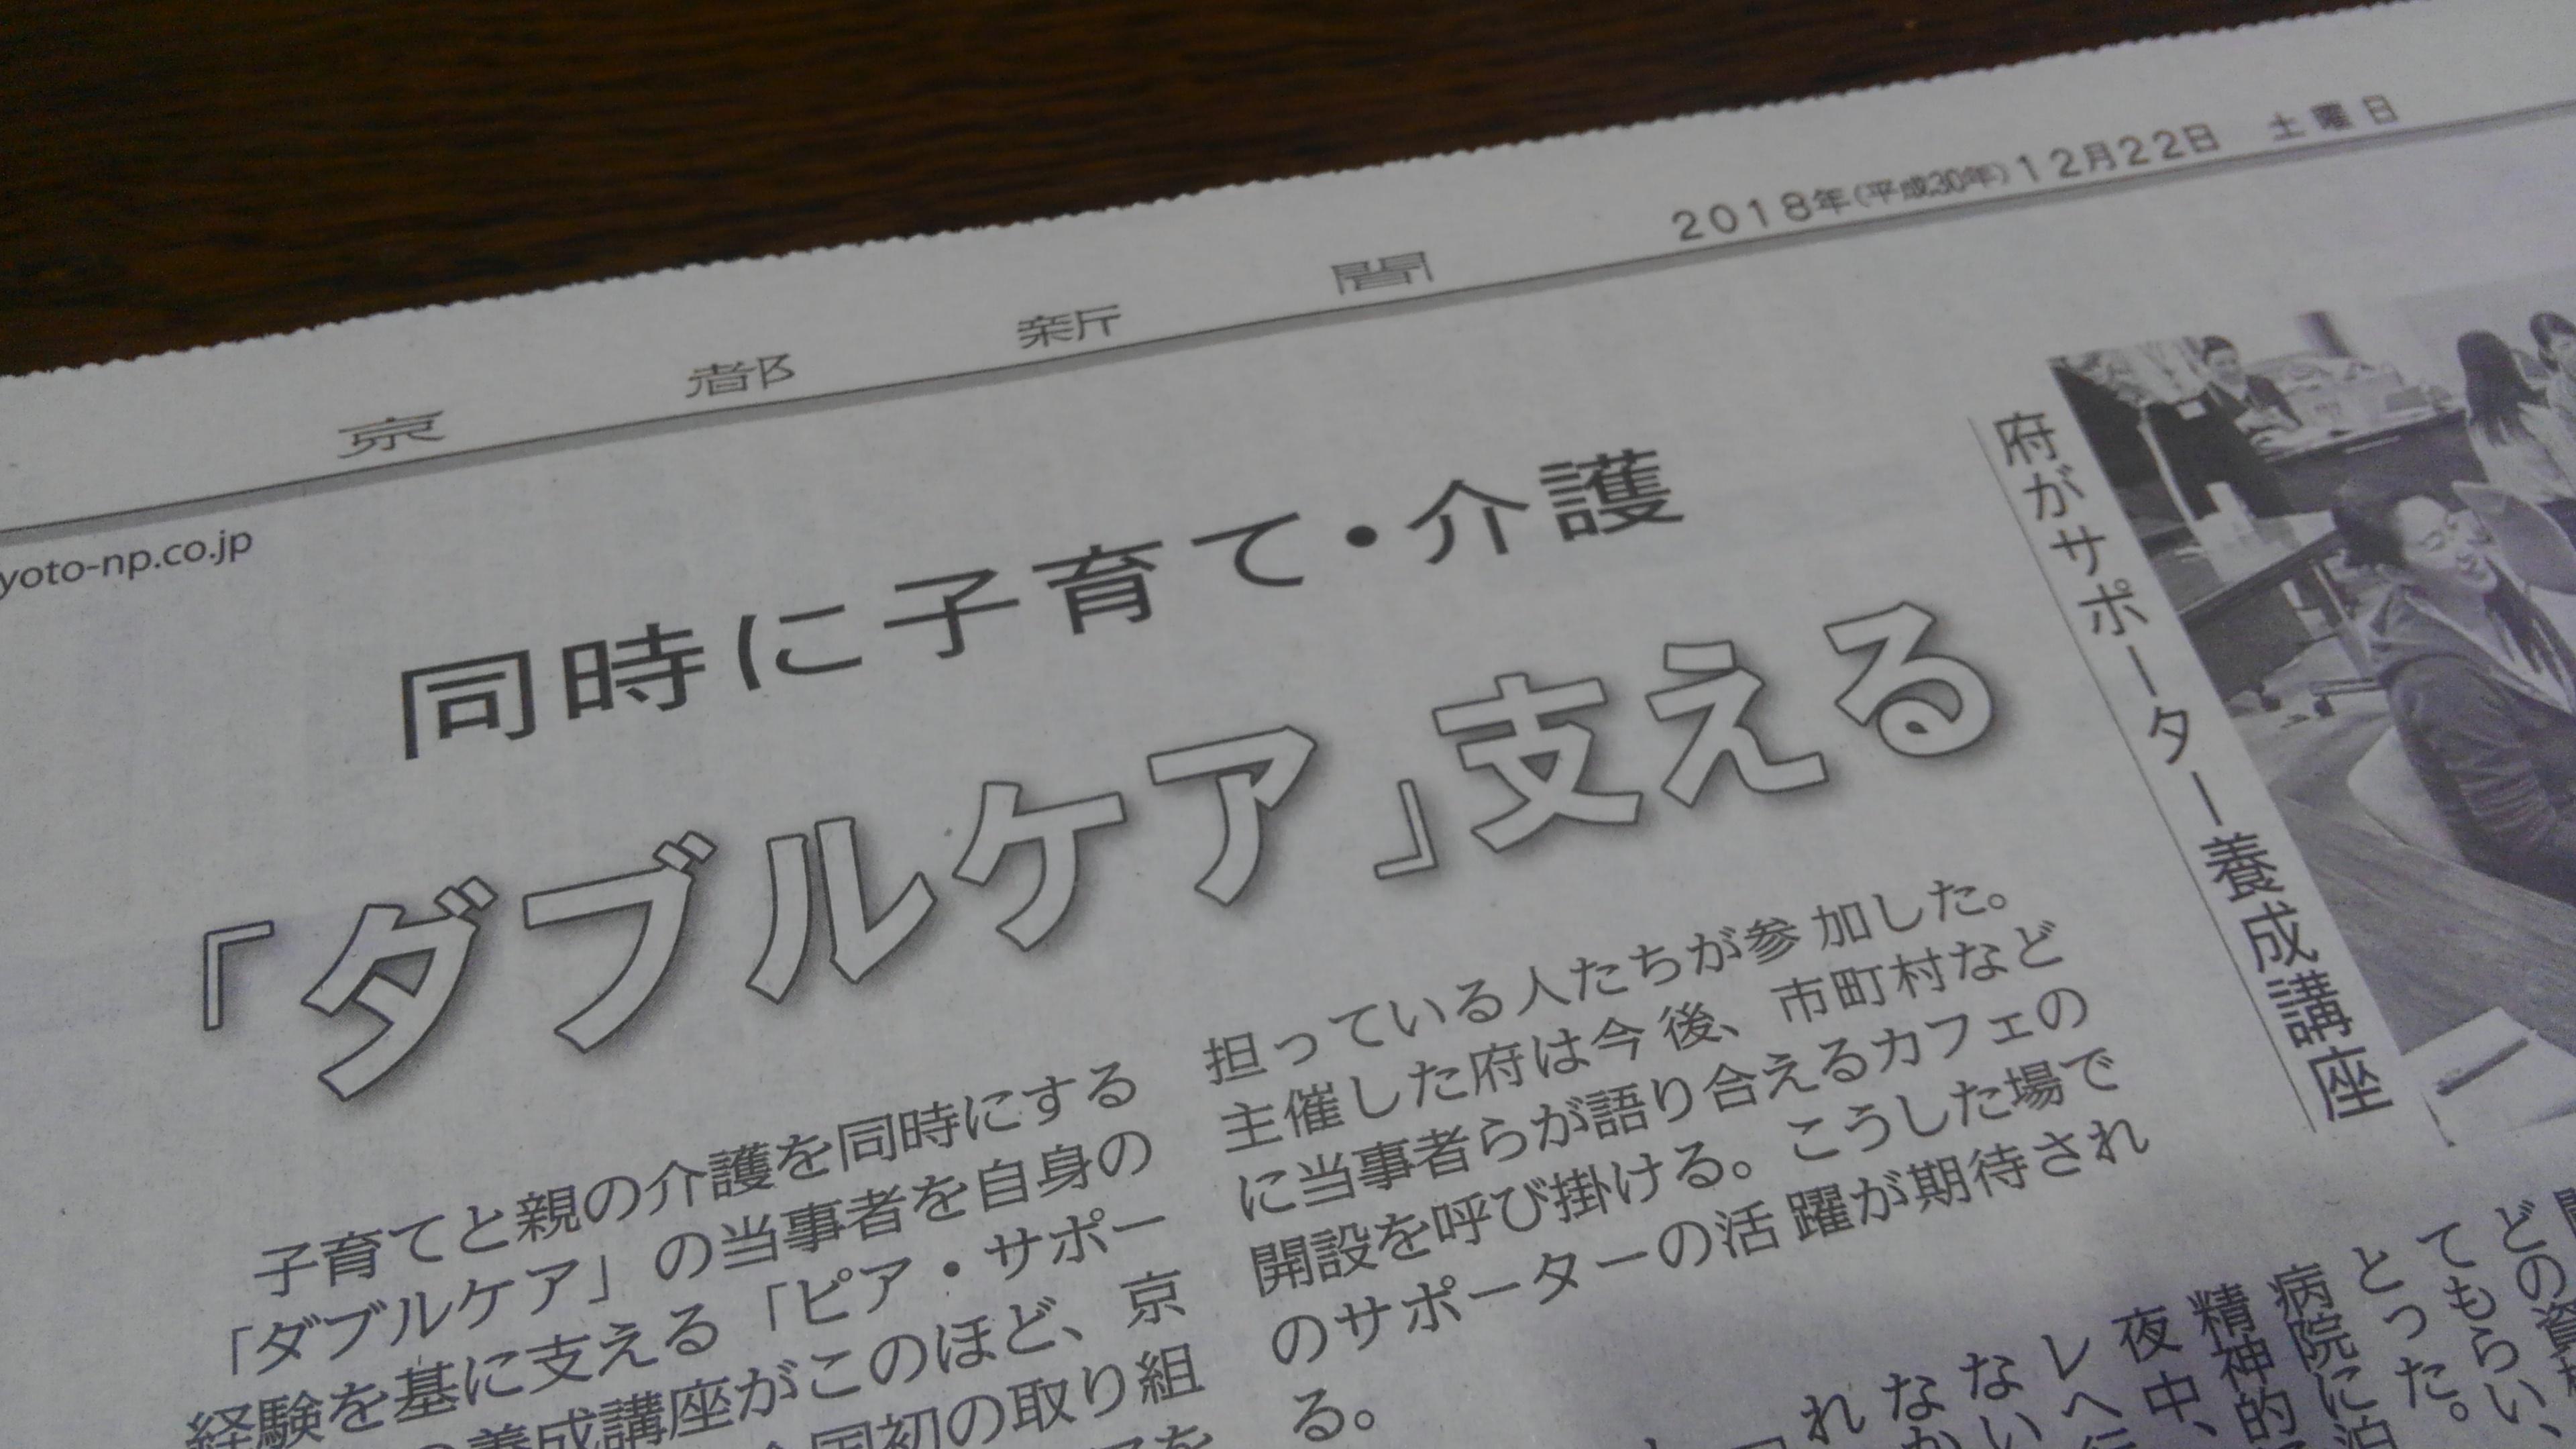 京都新聞の記事(2018年12月22日)掲載の《ダブルケア》問題は深刻です‼